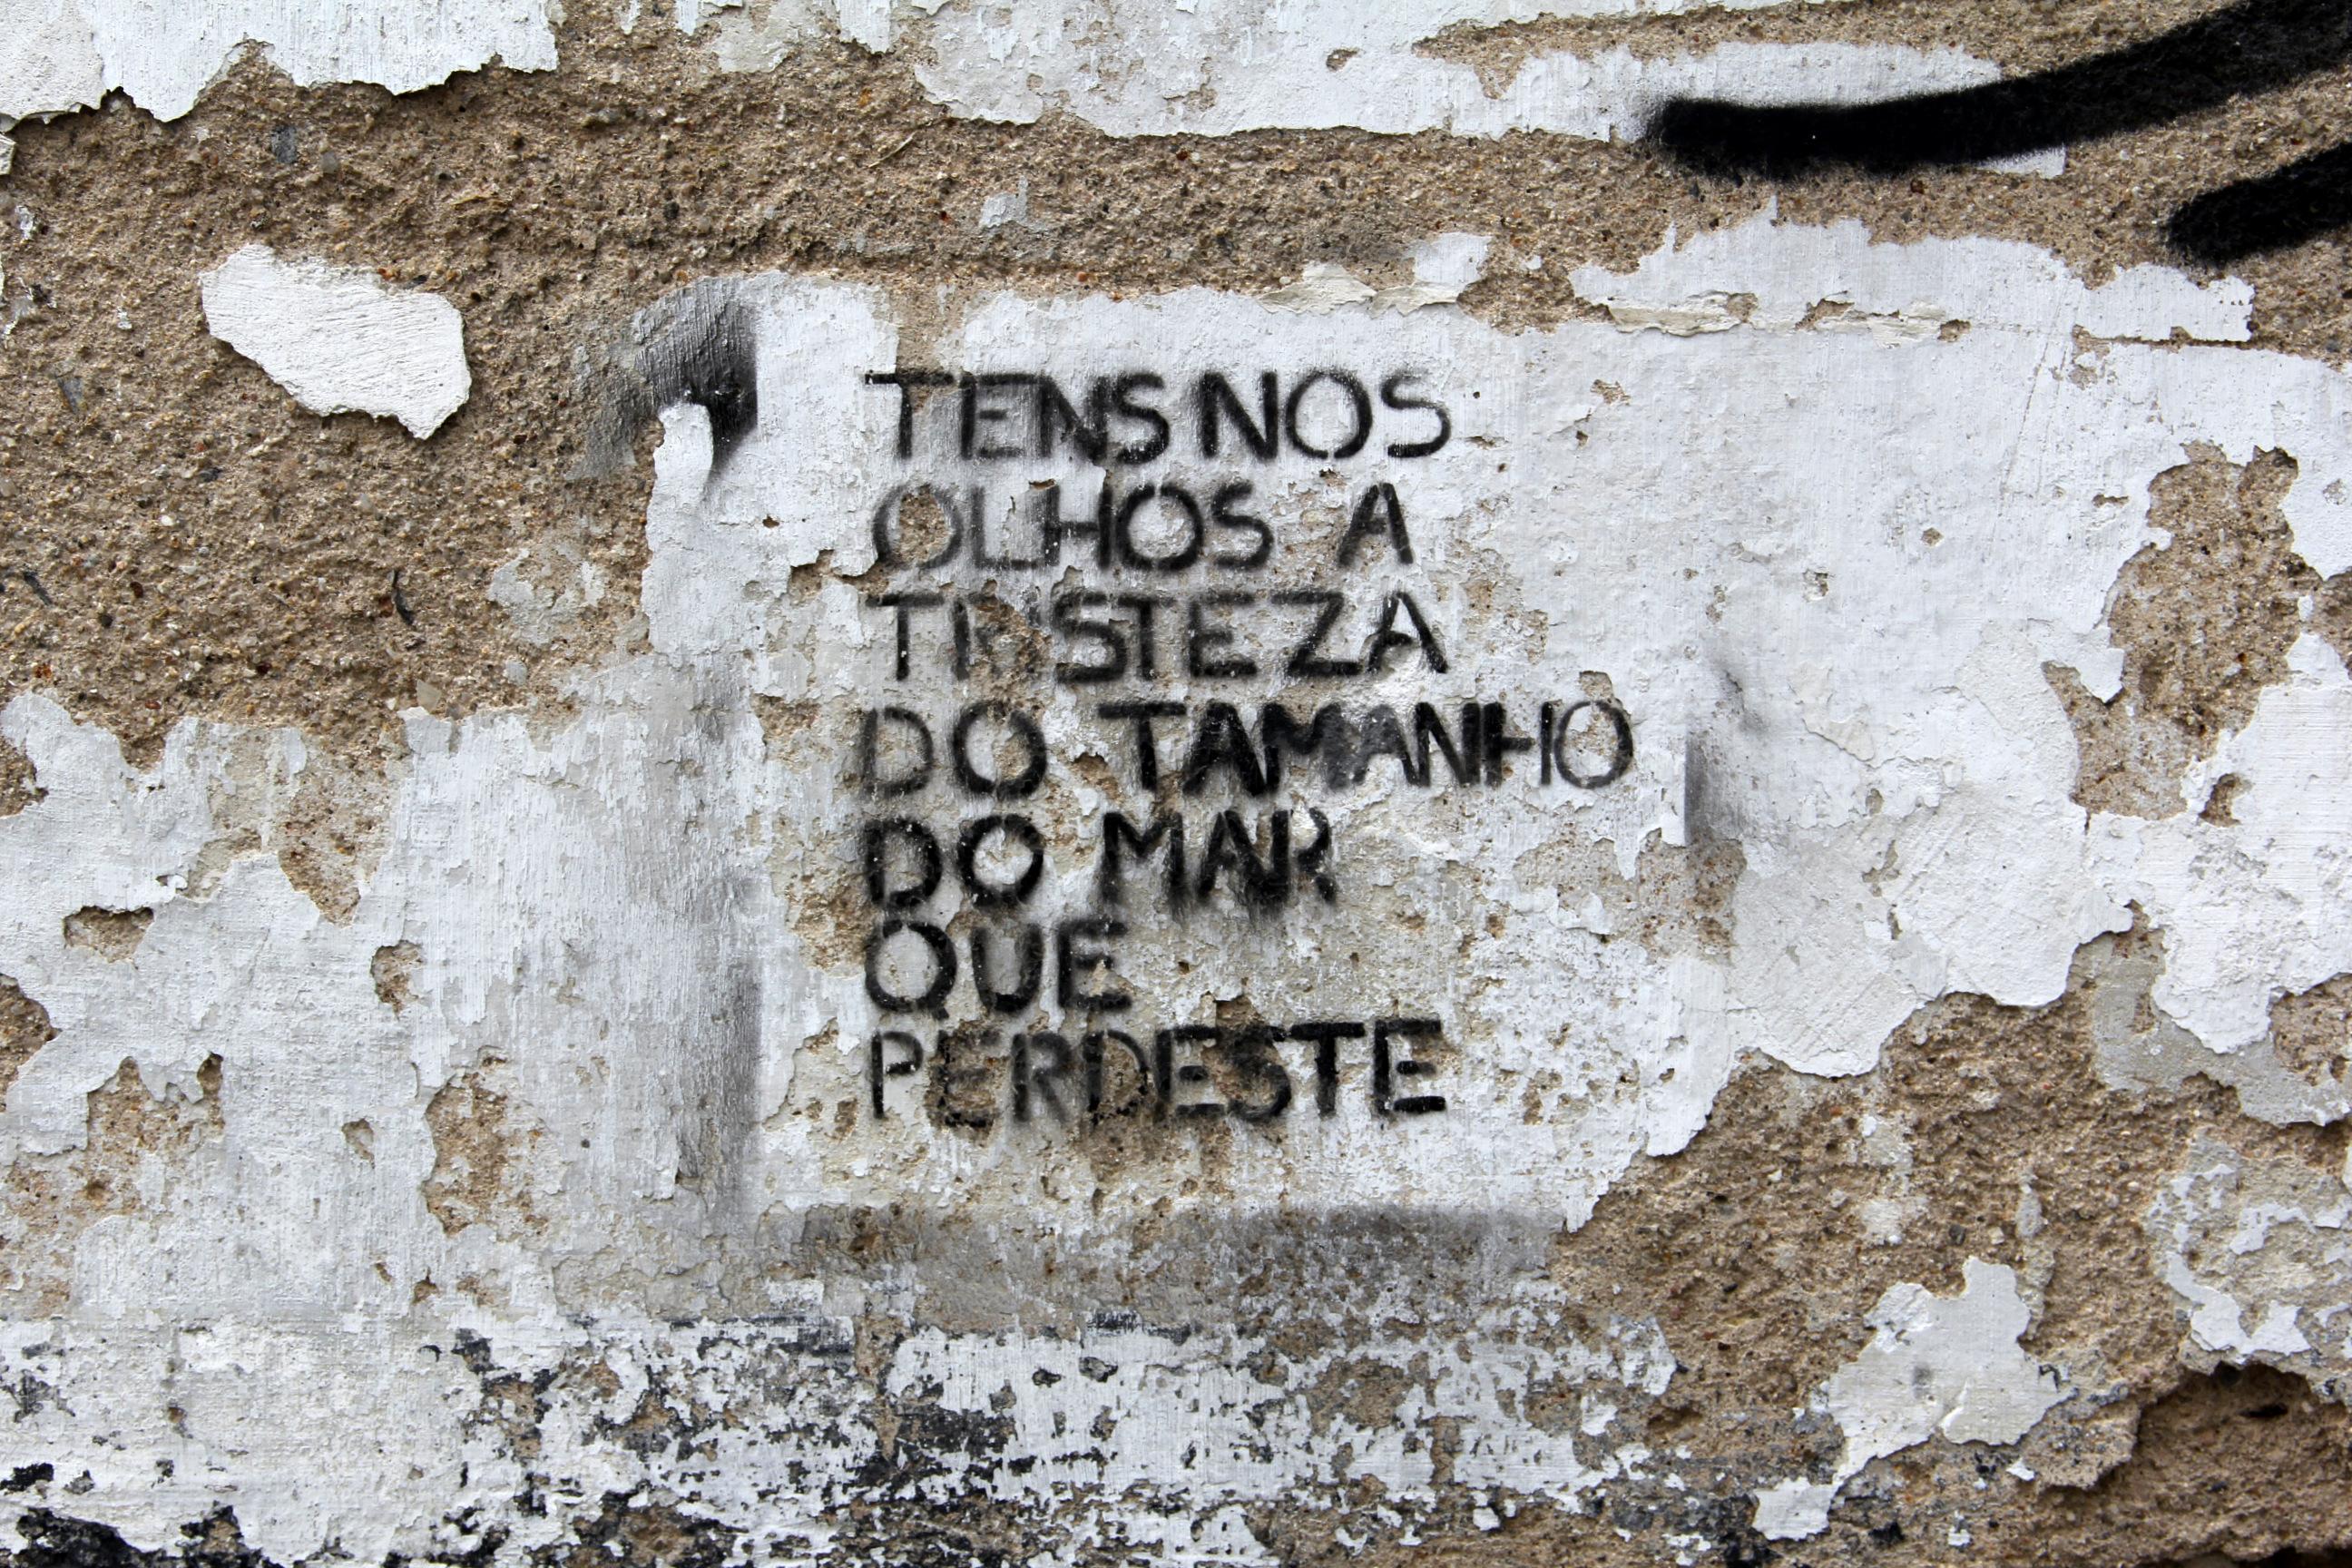 Vila Real_Escritos na parede_27052017_1